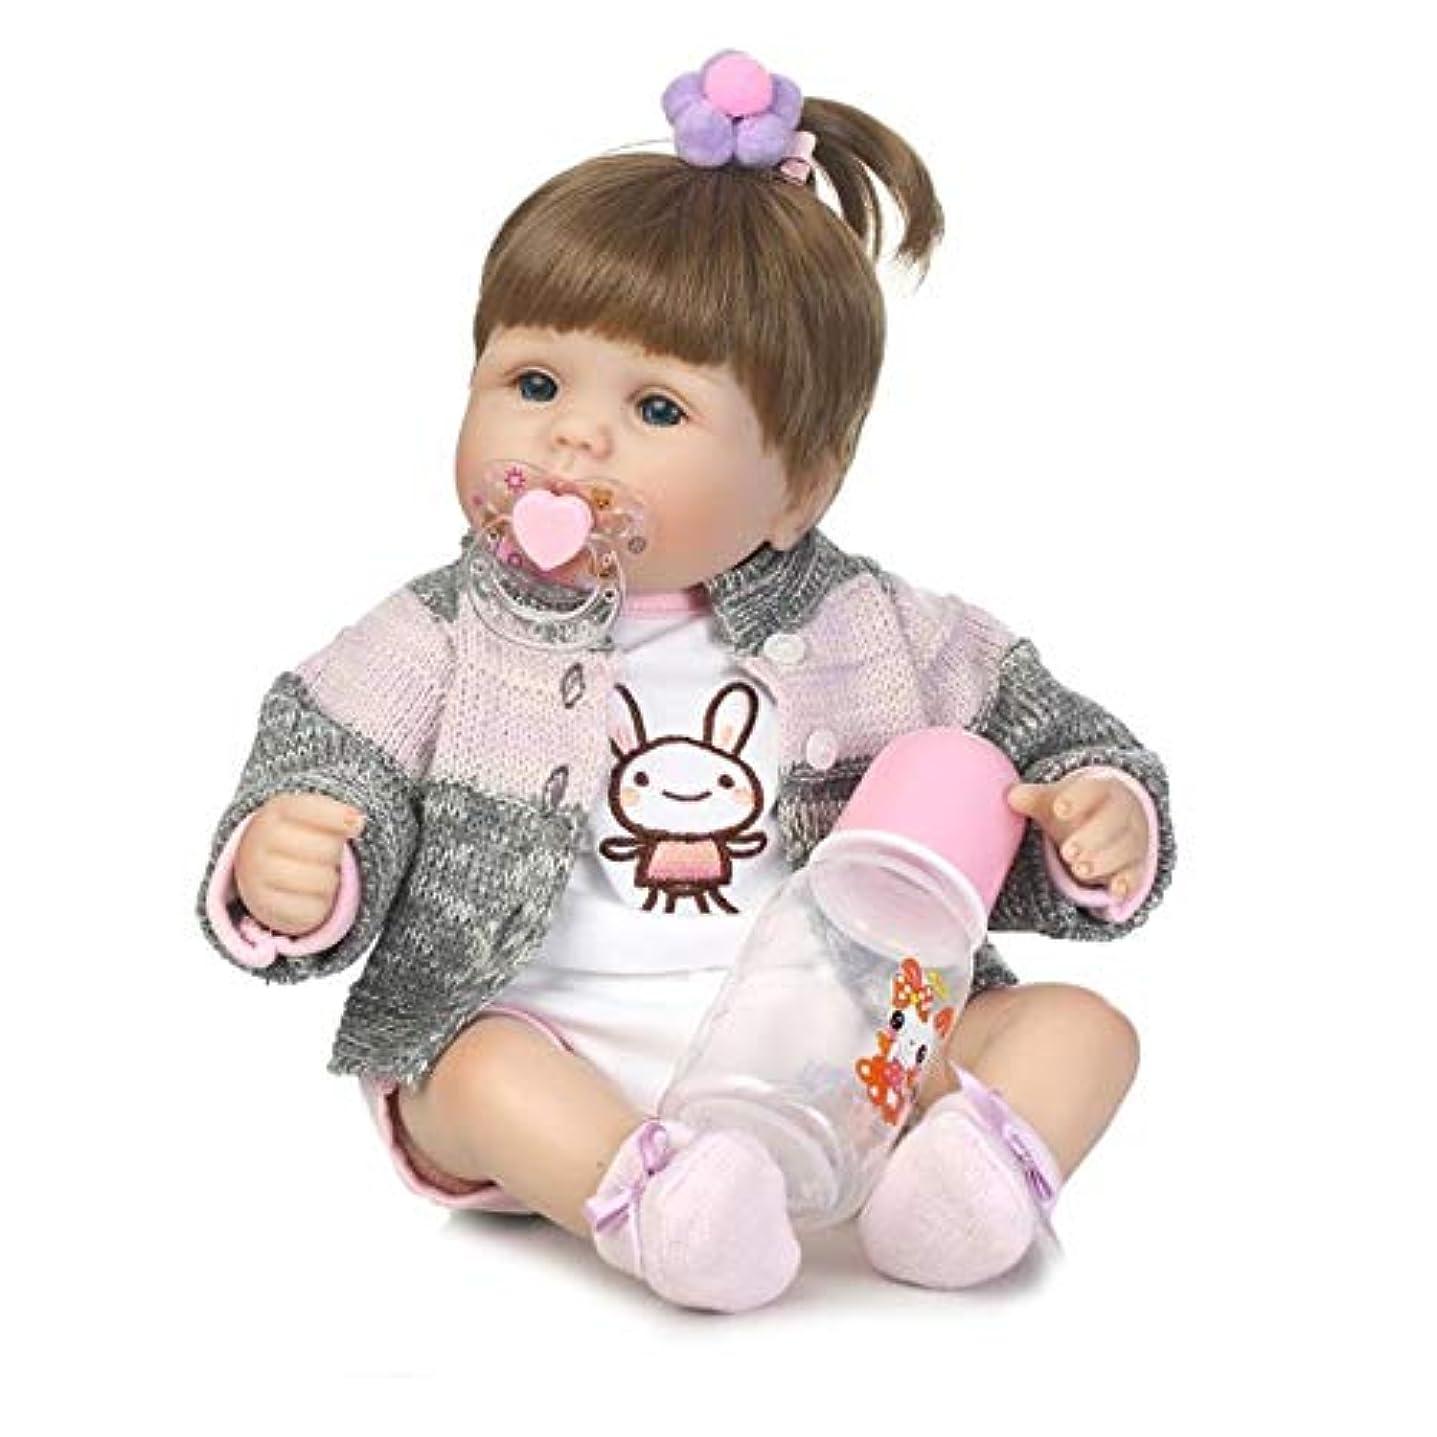 欺兵隊オーストラリア人40センチ布ボディソフトシリコーンビニール赤ちゃん人形リアルな新生児赤ちゃん人形のおもちゃ生まれ変わった赤ちゃん人形プレイメイトギフト生きているおもちゃ人形 - カラフル-1サイズ